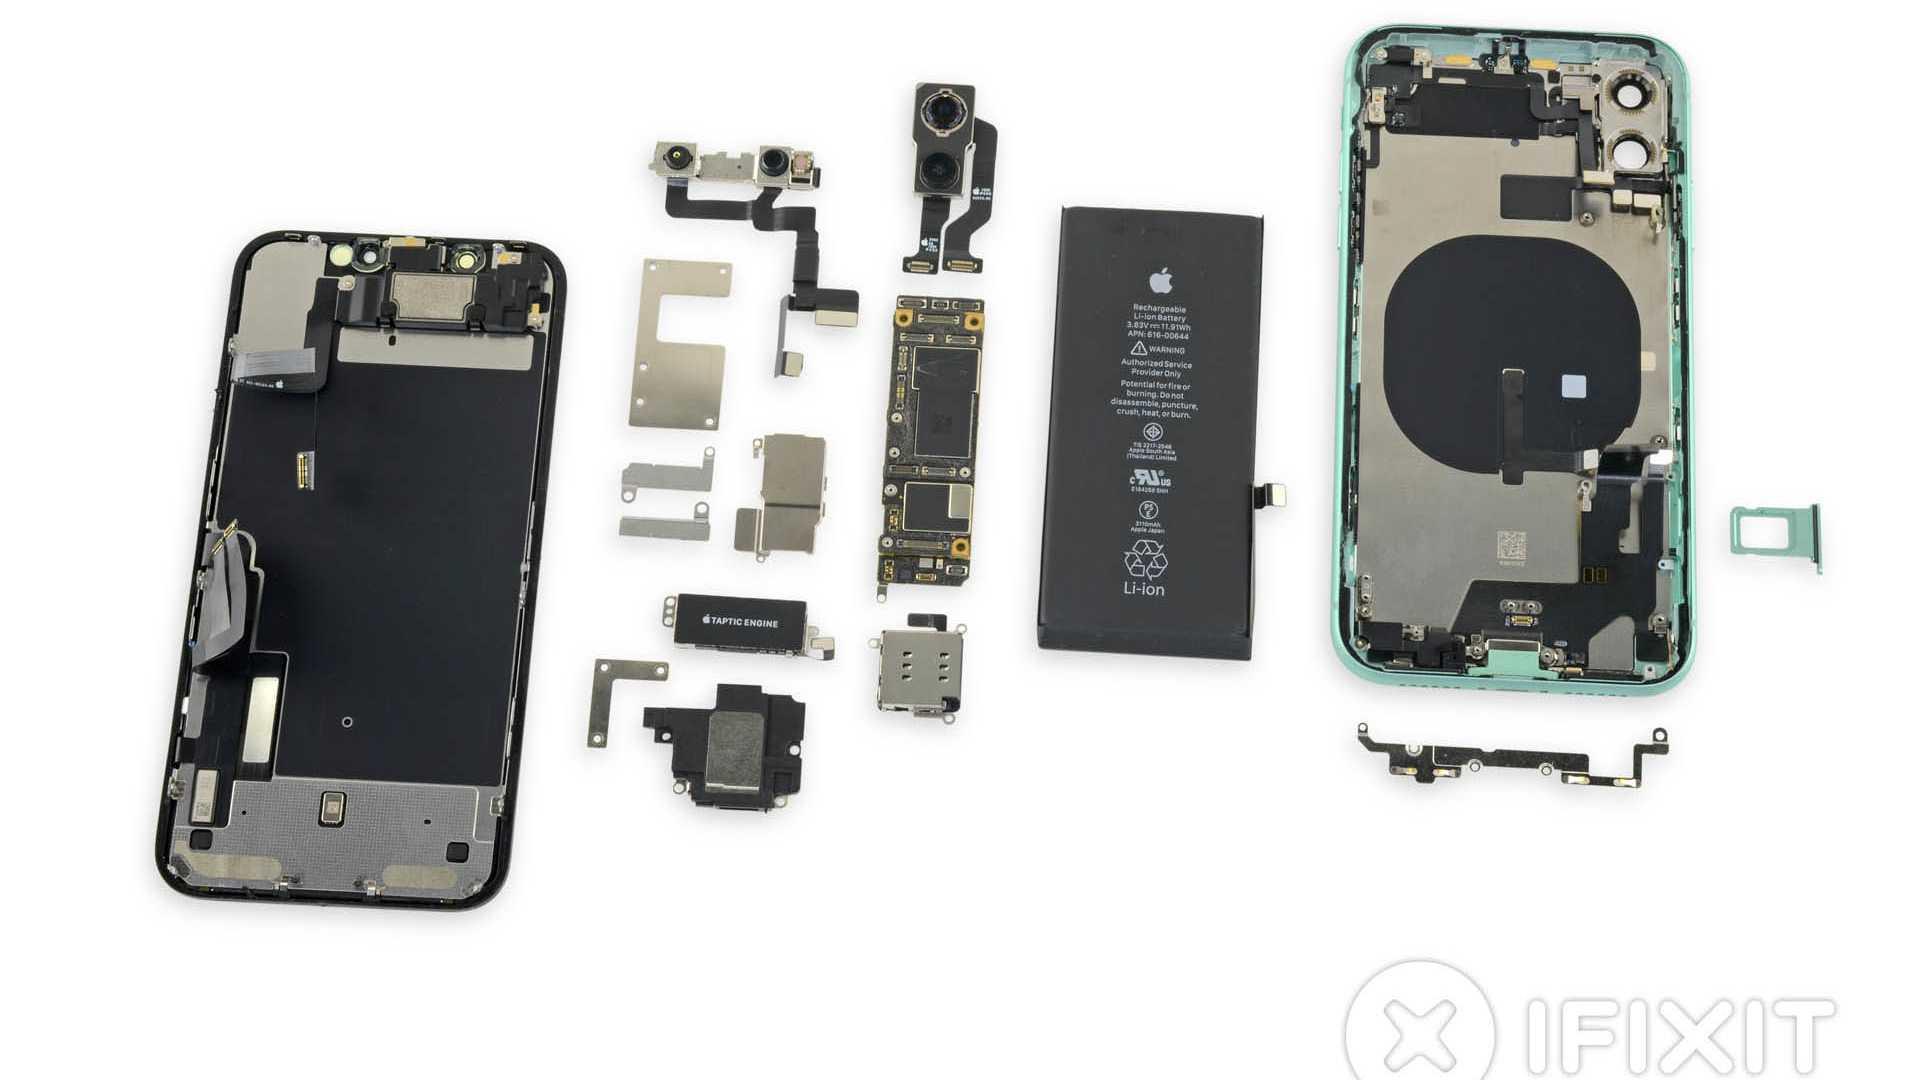 Recht auf Reparatur: Apple weiß nicht, was es will